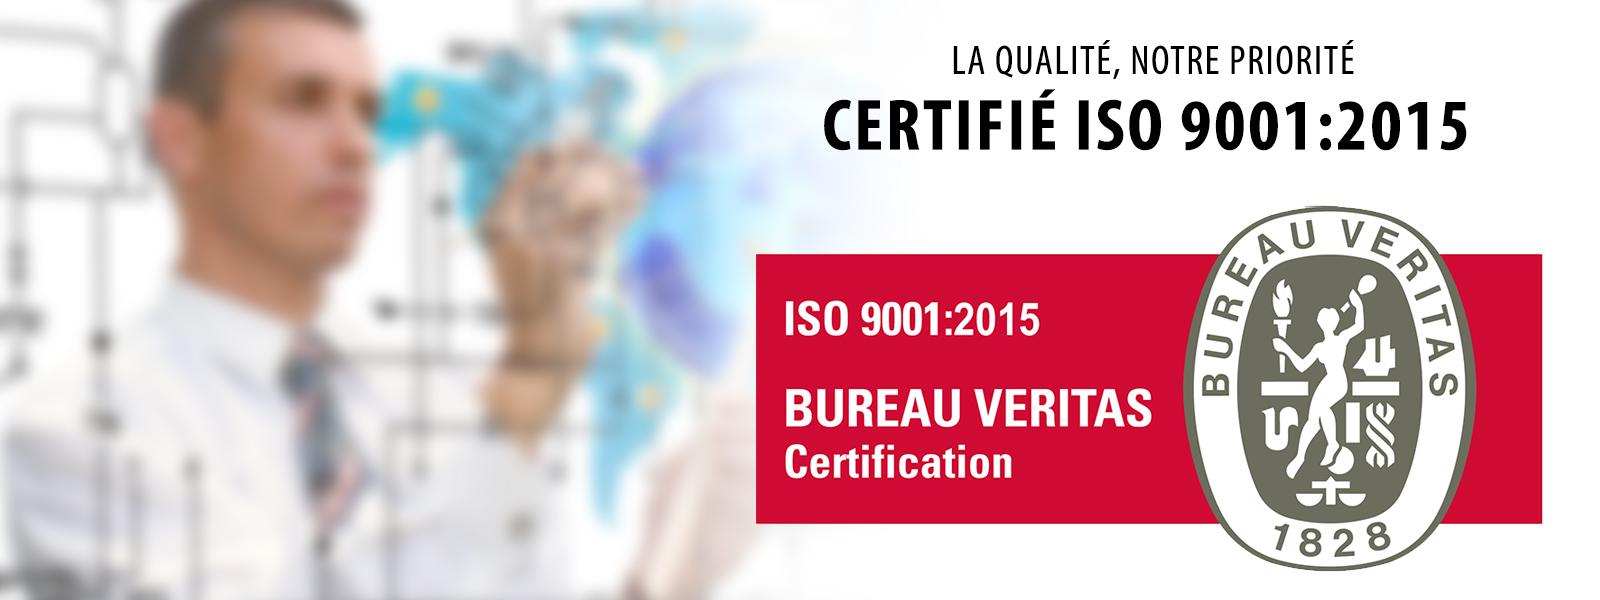 AMB, le spécialiste de la mécanique de précision, certifiée ISO 9001